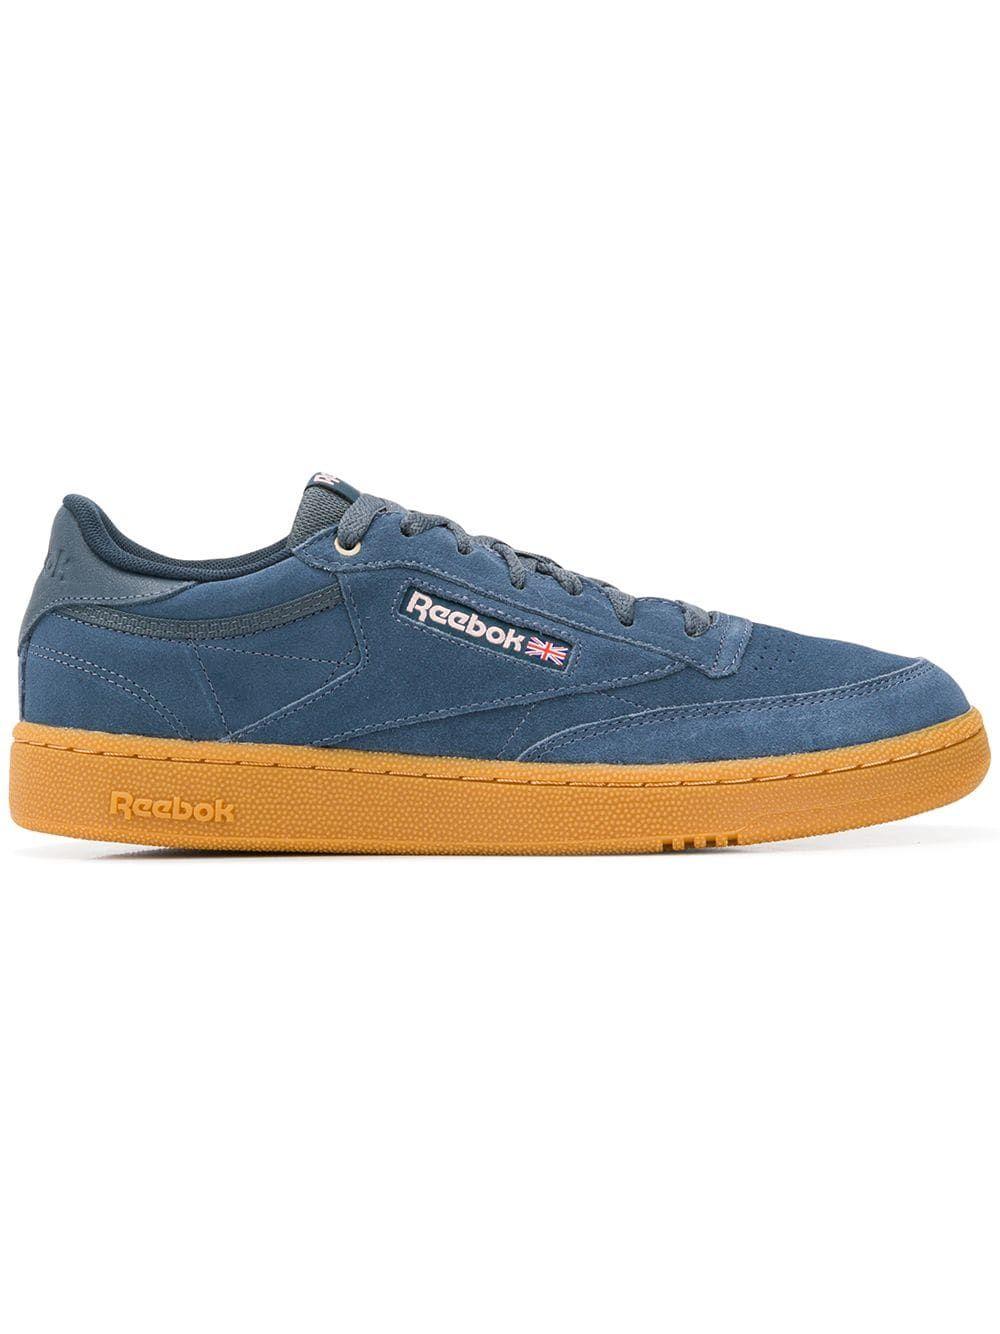 Reebok Club C 85 Sneakers In Blue